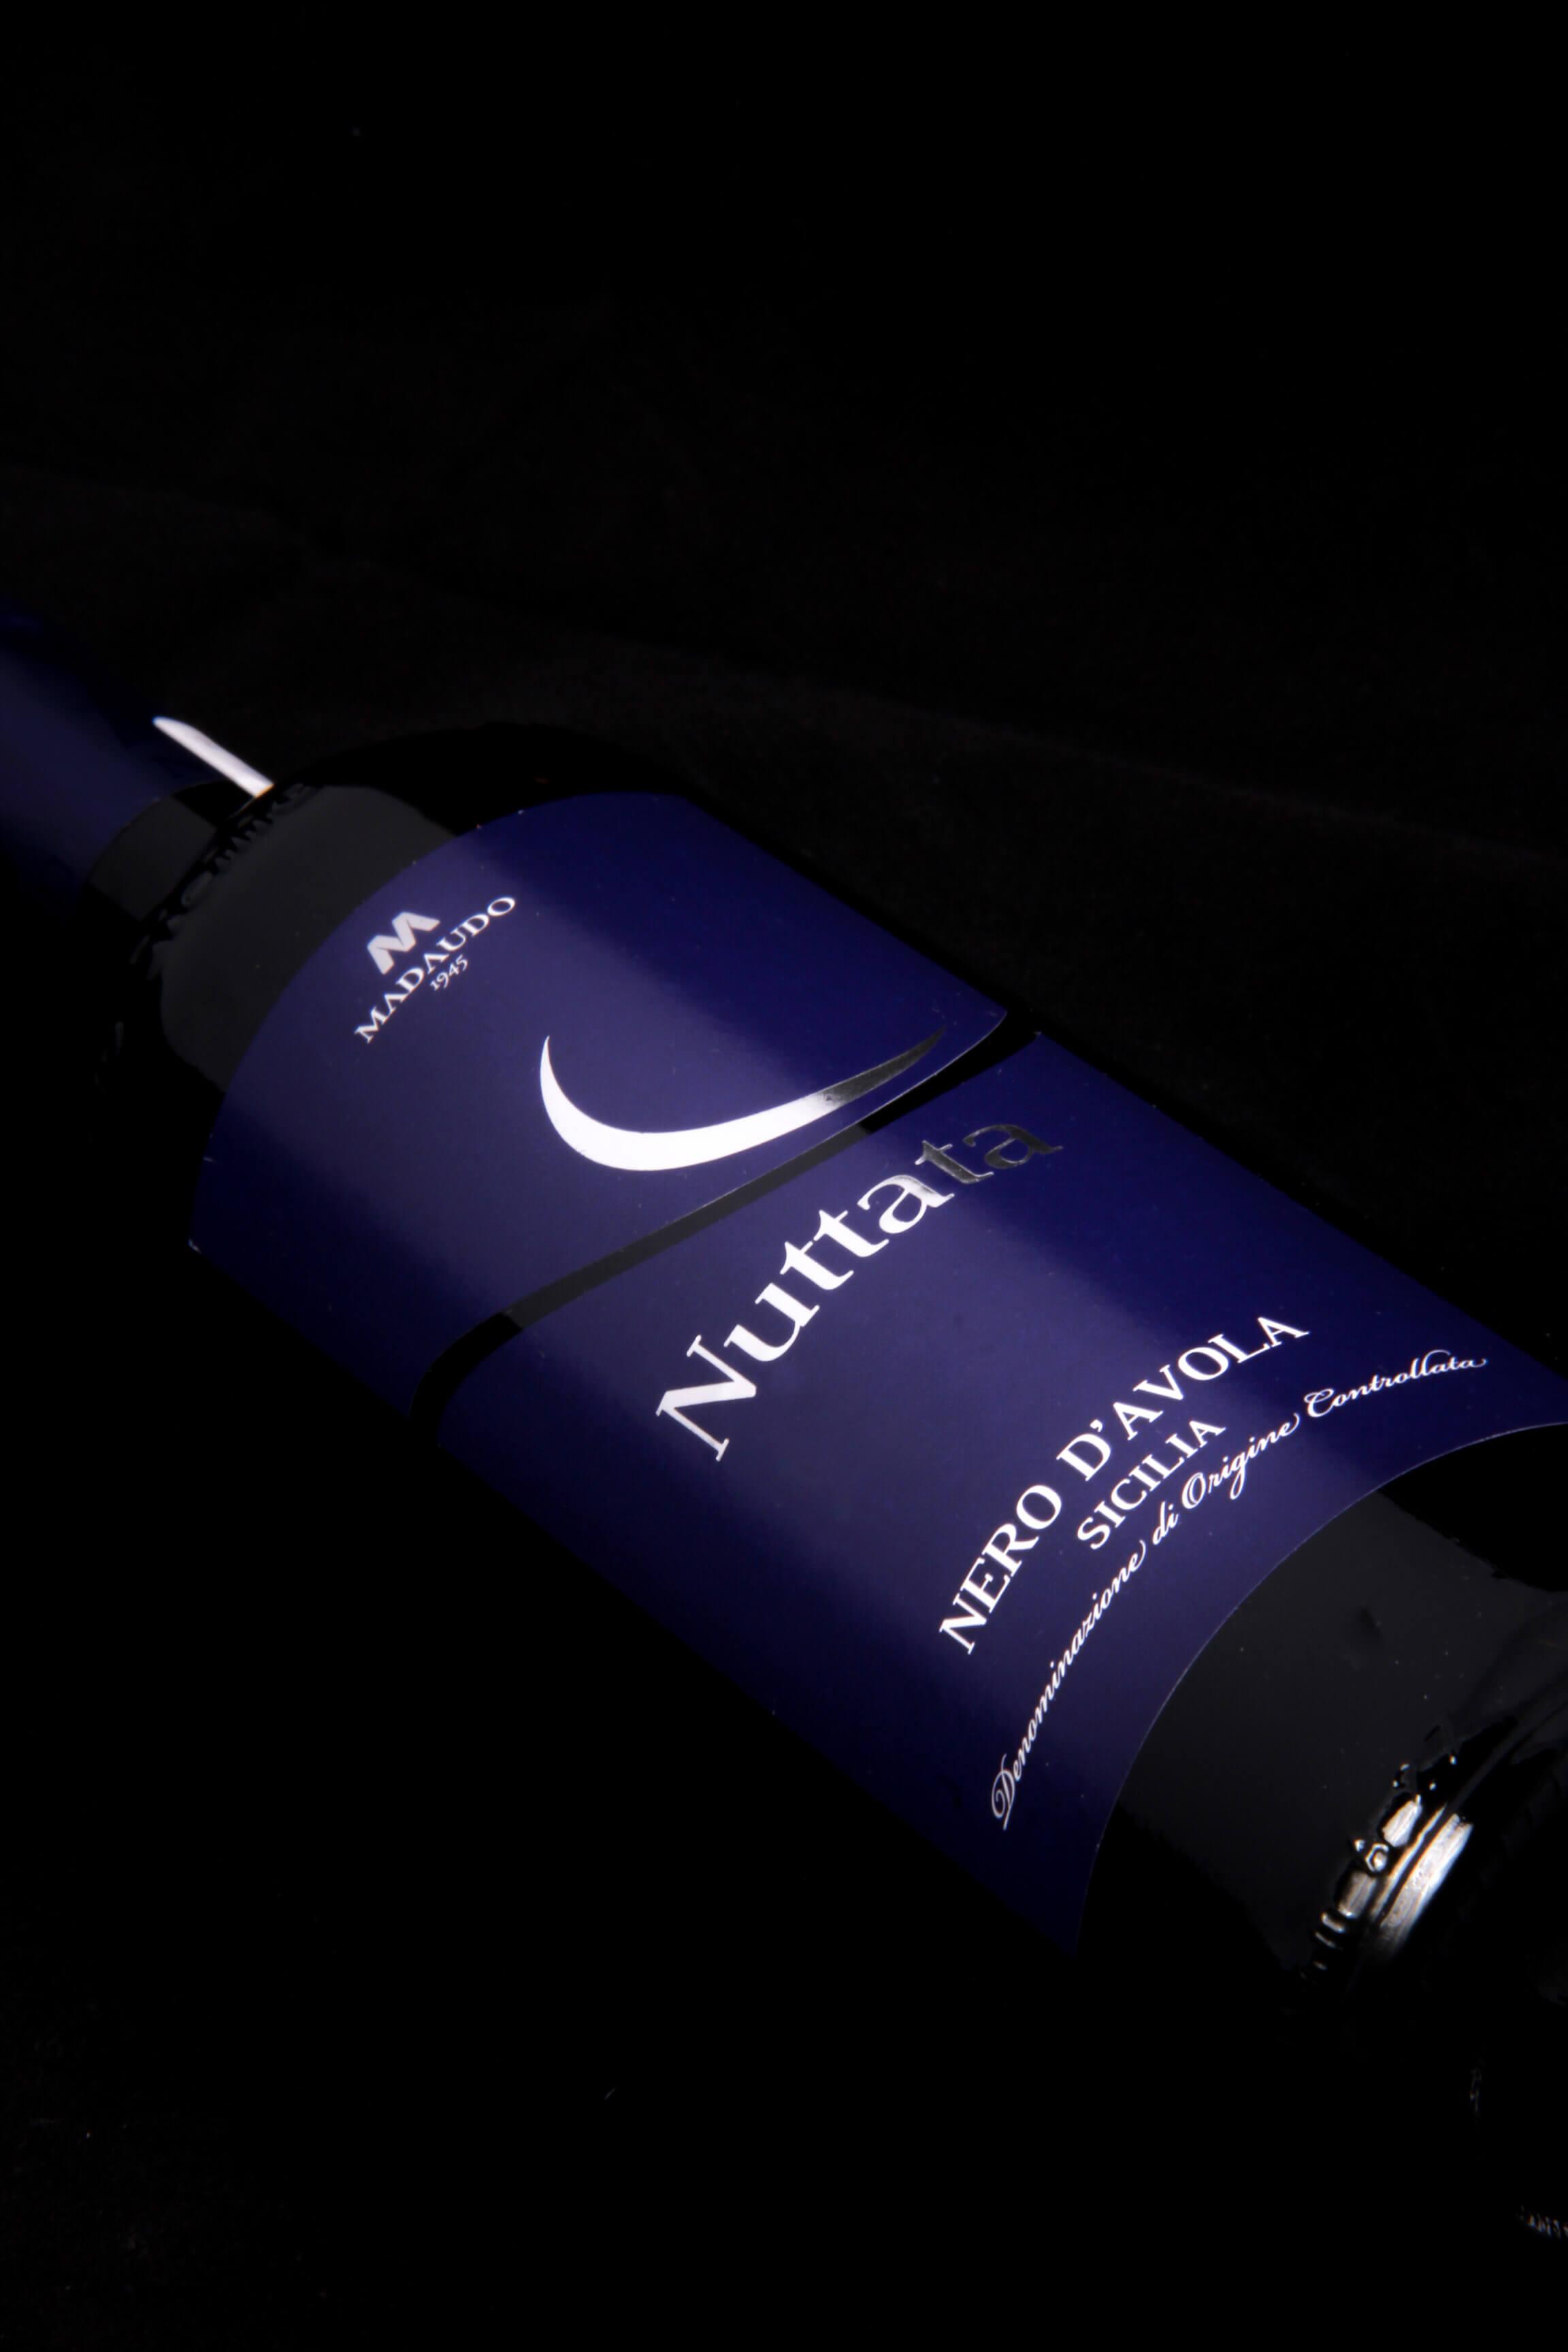 vino_nostrum-importadora_de_vinos_y_alimentos_ok2